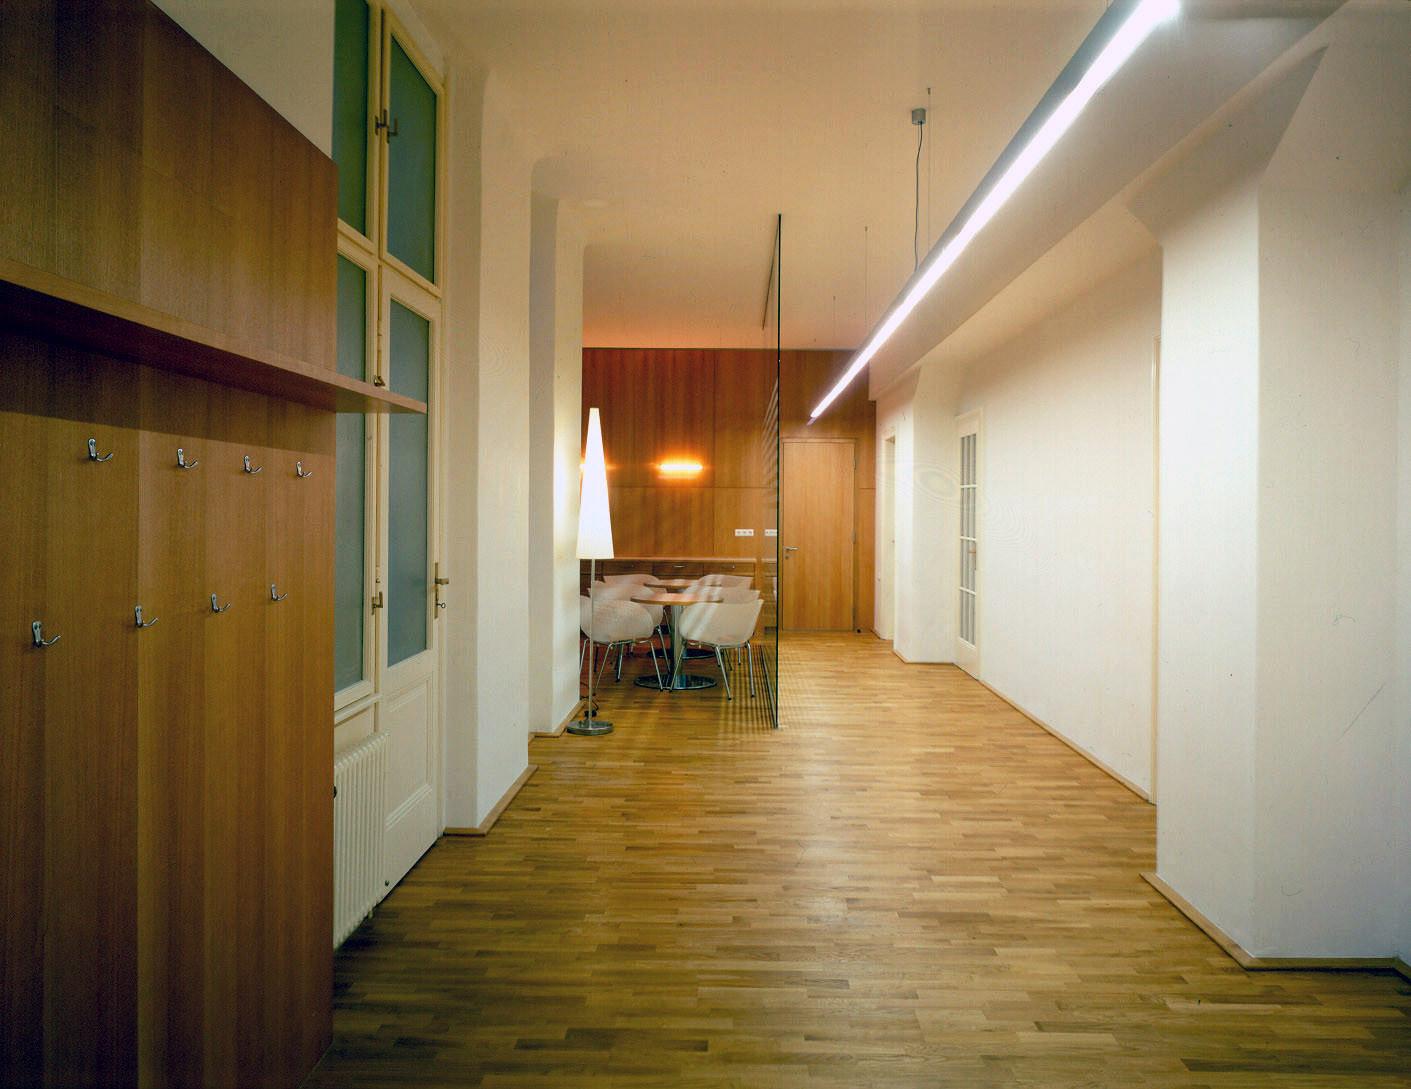 <p>© RUNSER / PRANTL architekten, Wellcon GmbH - Zentrum für Prävention und Arbeitsmedizin, 1030 Wien, Österreich, 2003, Ordination, Fotograf Margherita Spiluttini</p>